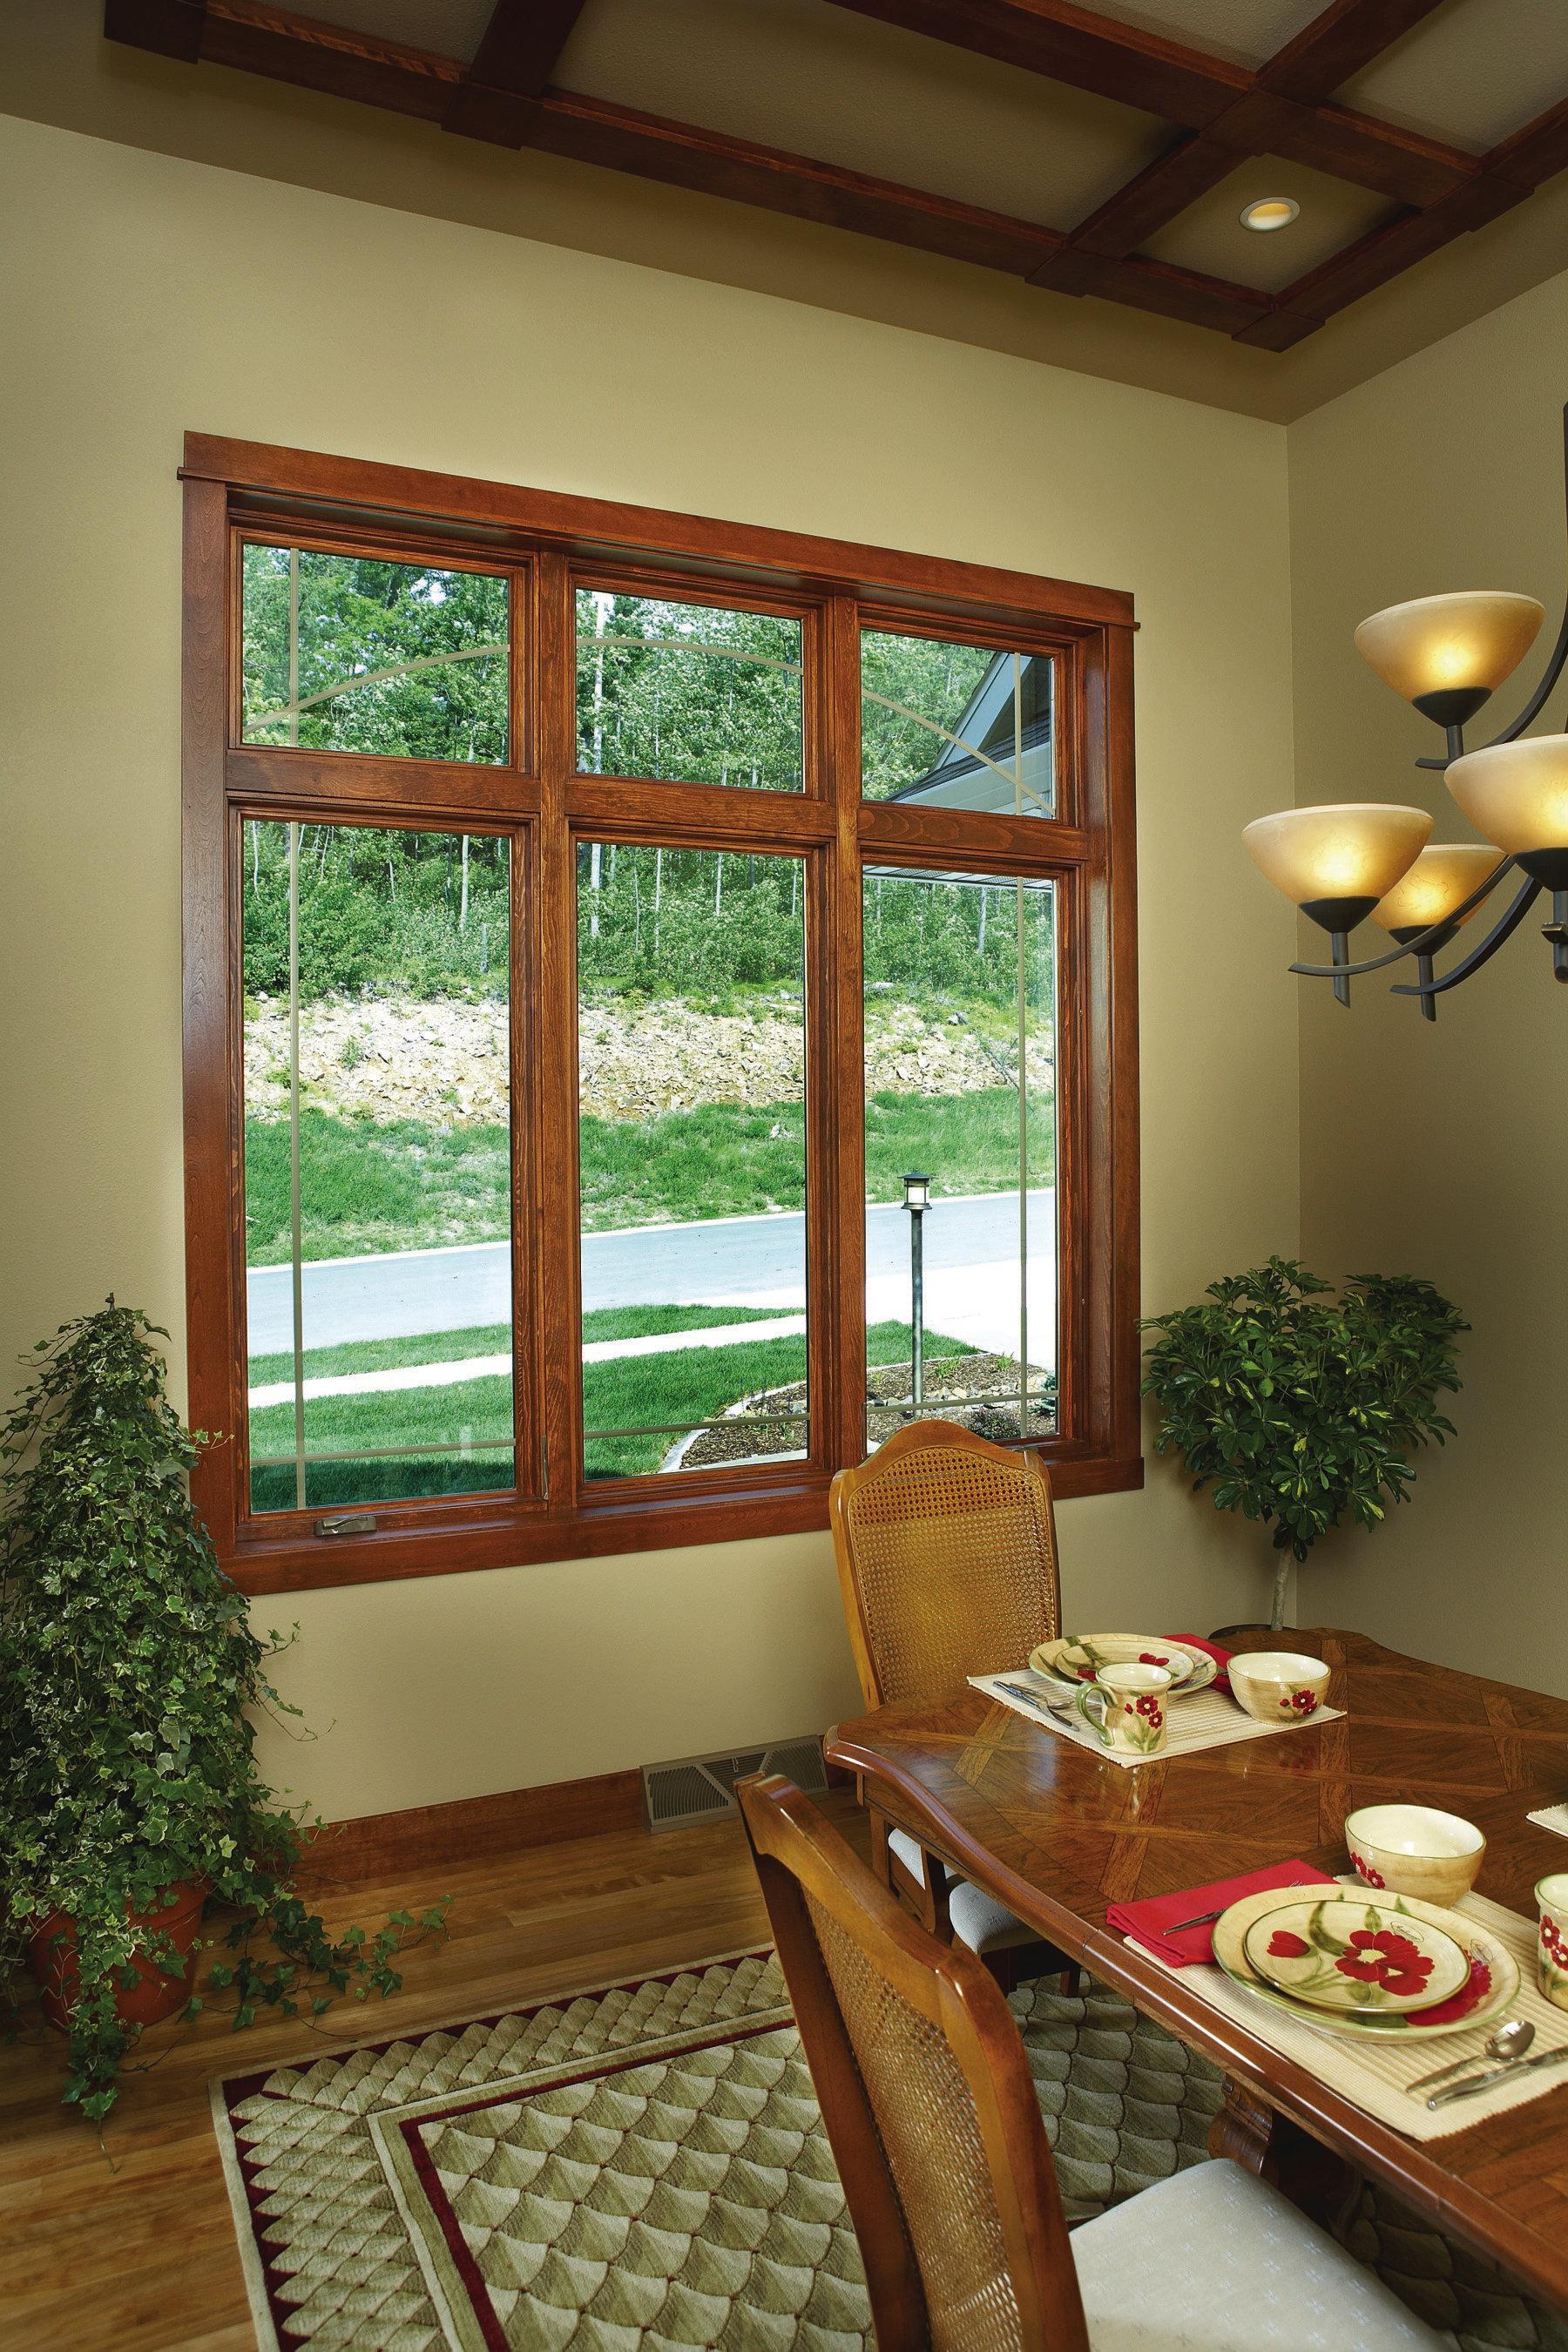 Kolbe Amp Kolbe Heritage Series Wood Windows And Doors